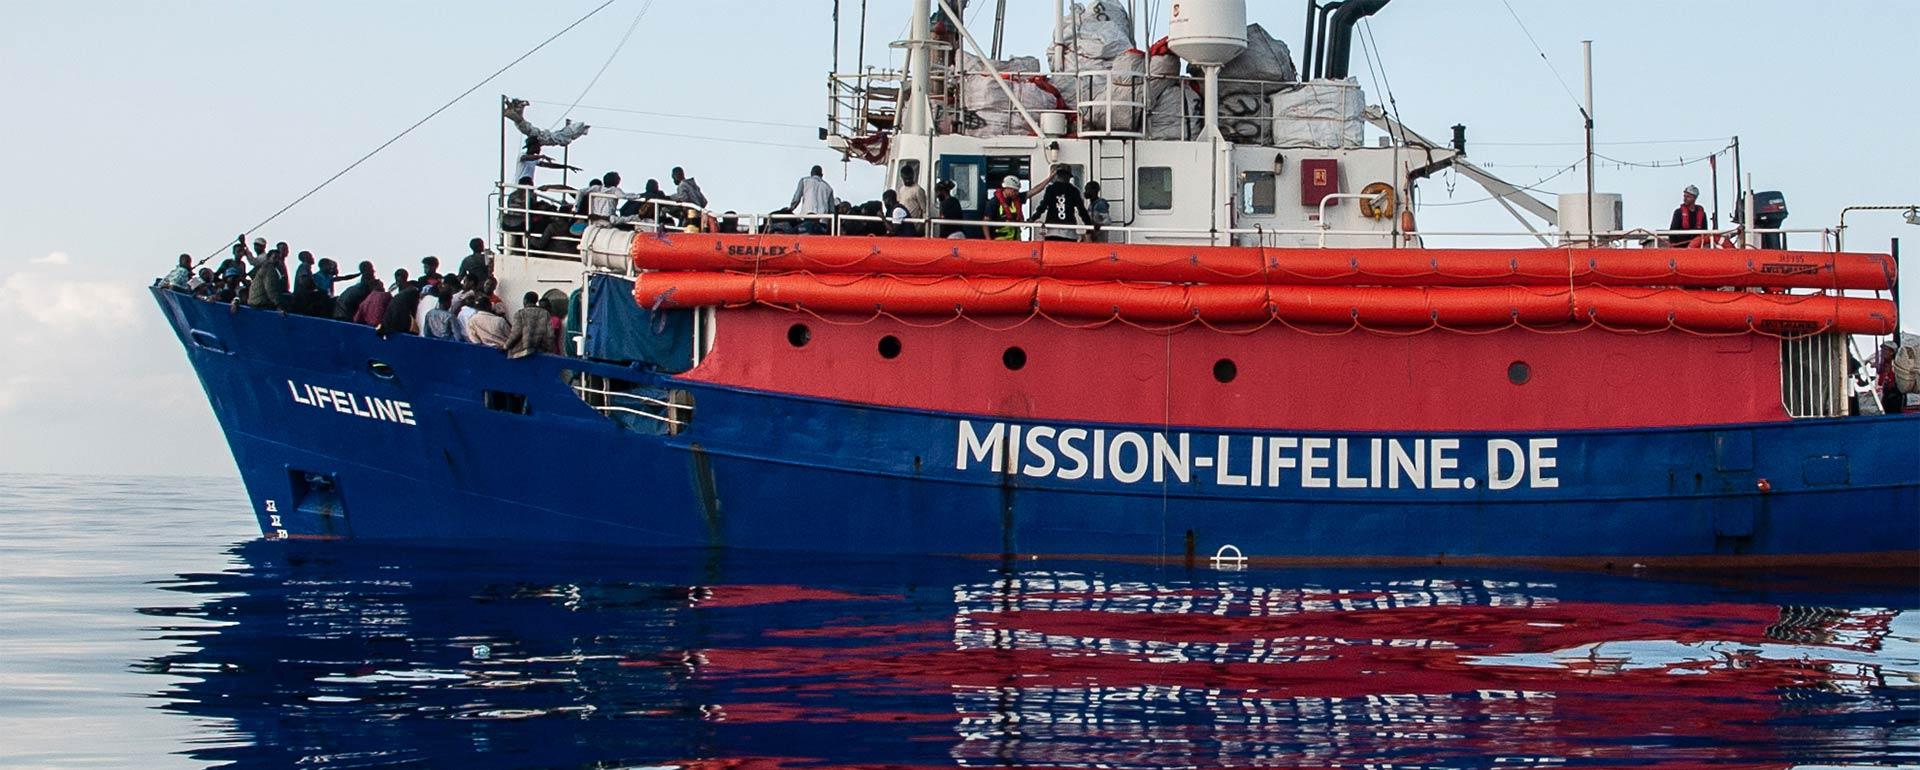 Schiff Lifeline von der Seite, mit mehreren Menschen an Bord, die an Deck stehen. An der Seite Schriftzug Mission Lifeline. Spiegelbild reflektiert auf ruhiger See